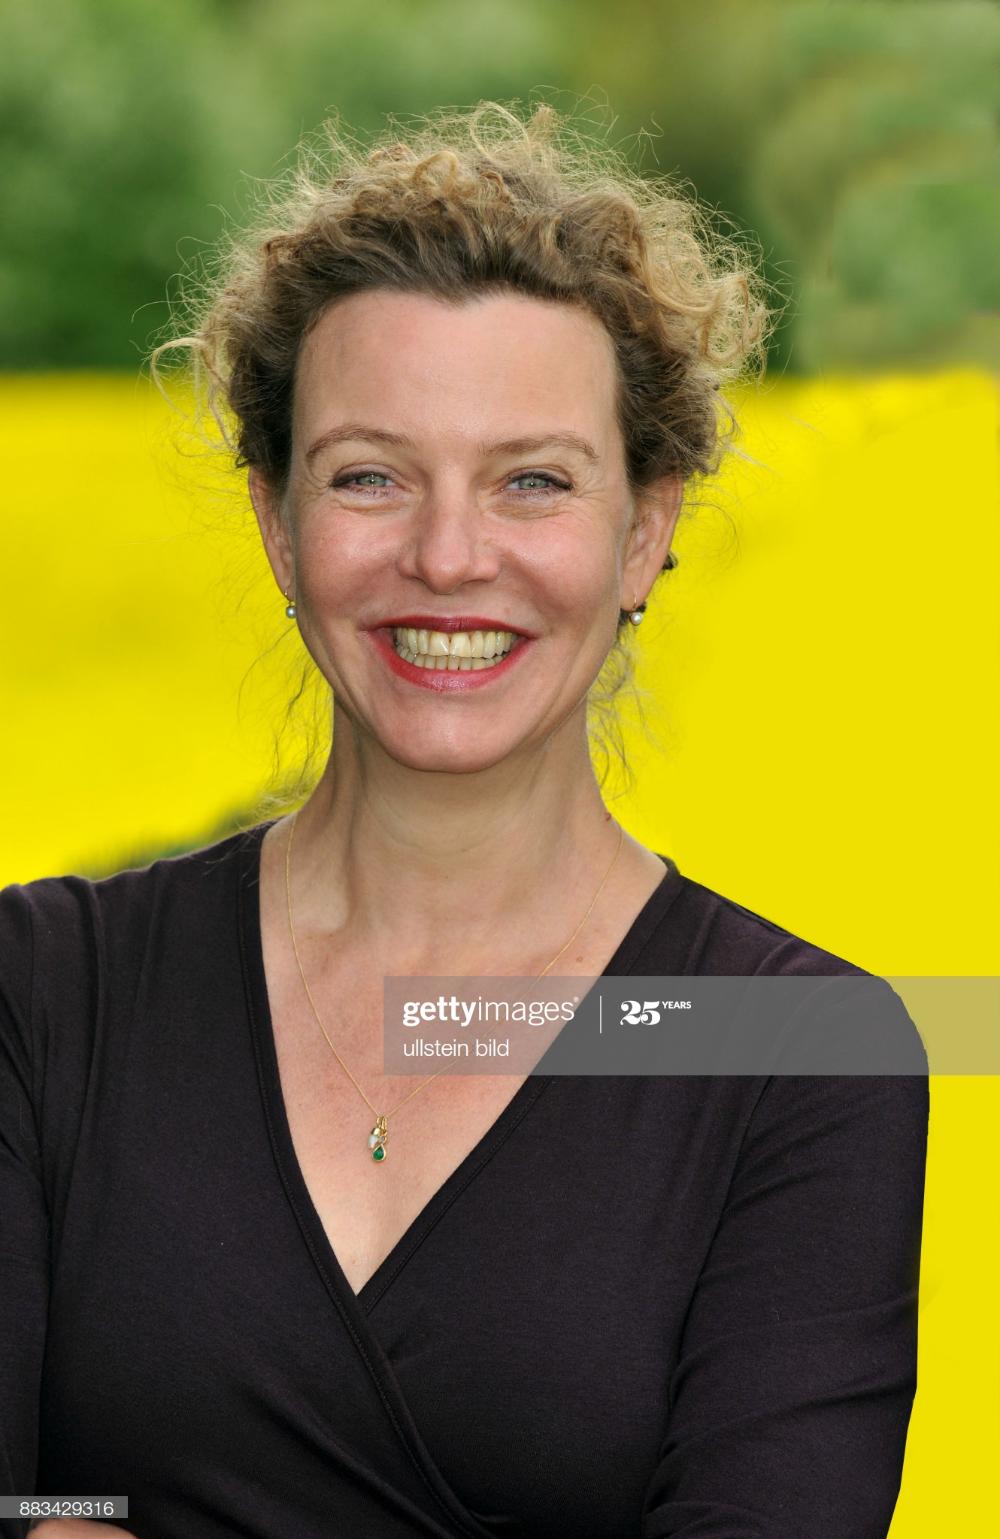 News Photo : Broich, Margarita - Schauspielerin, D - in